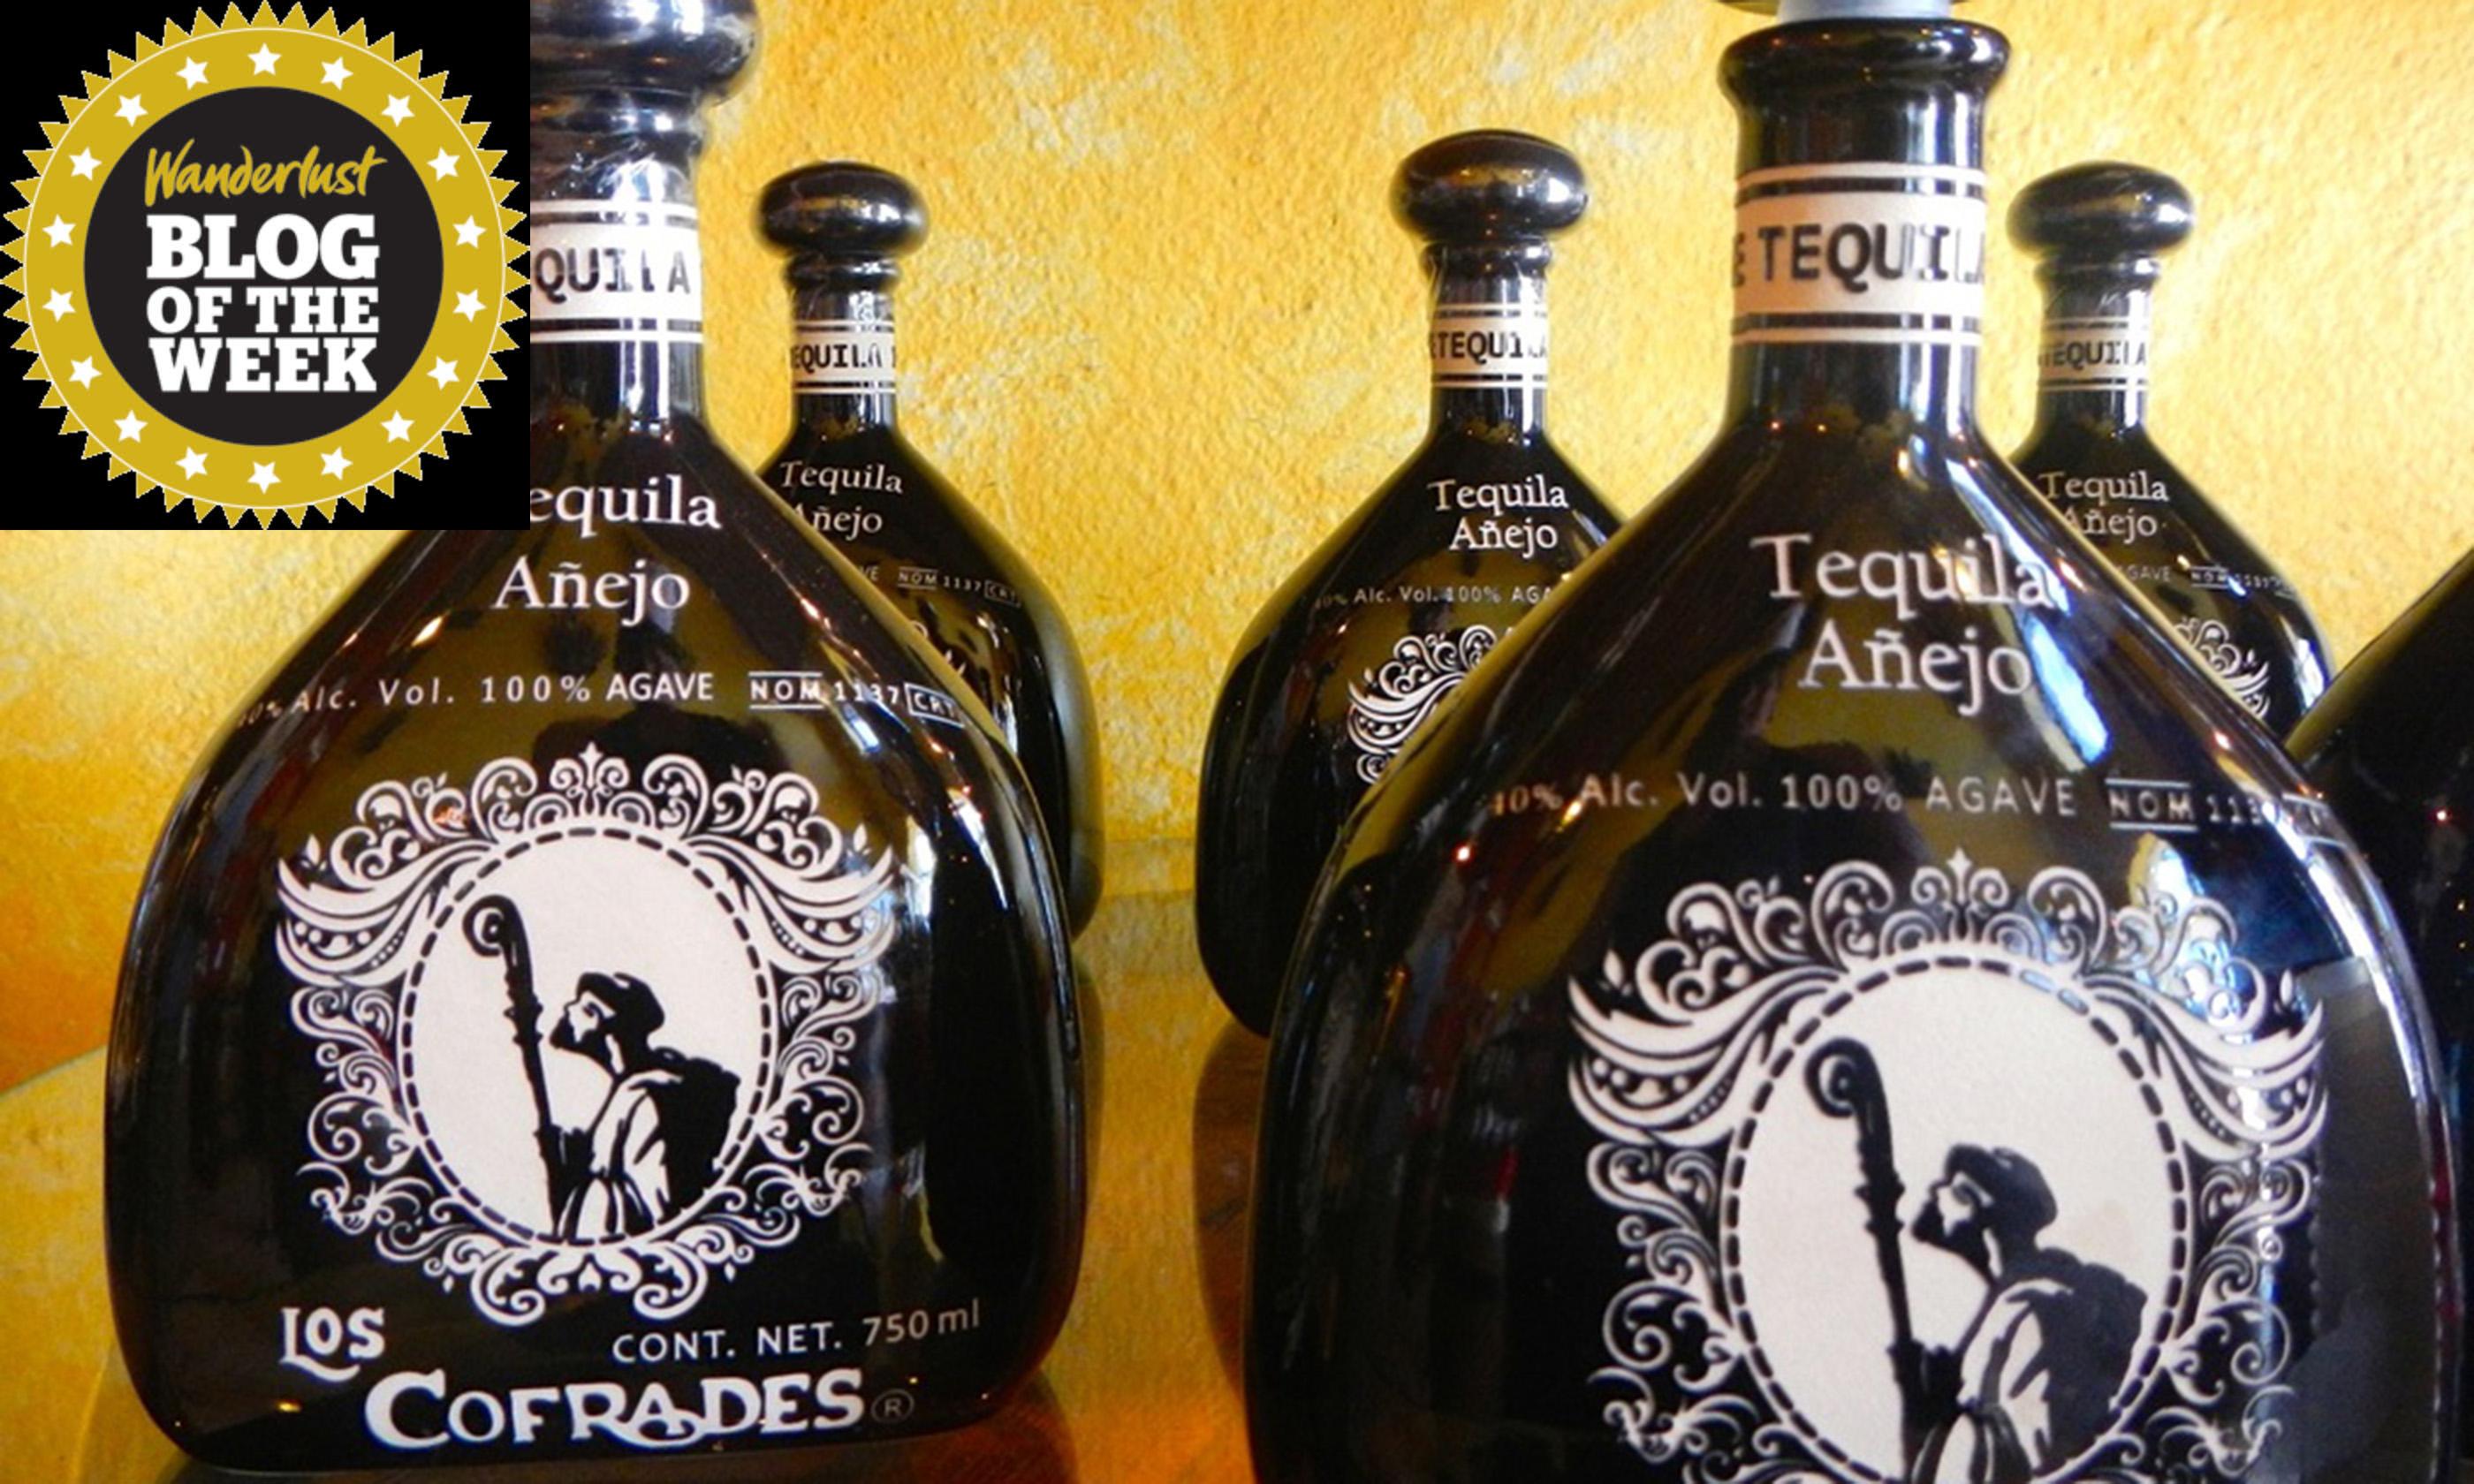 Tequila! (Team Fuber)